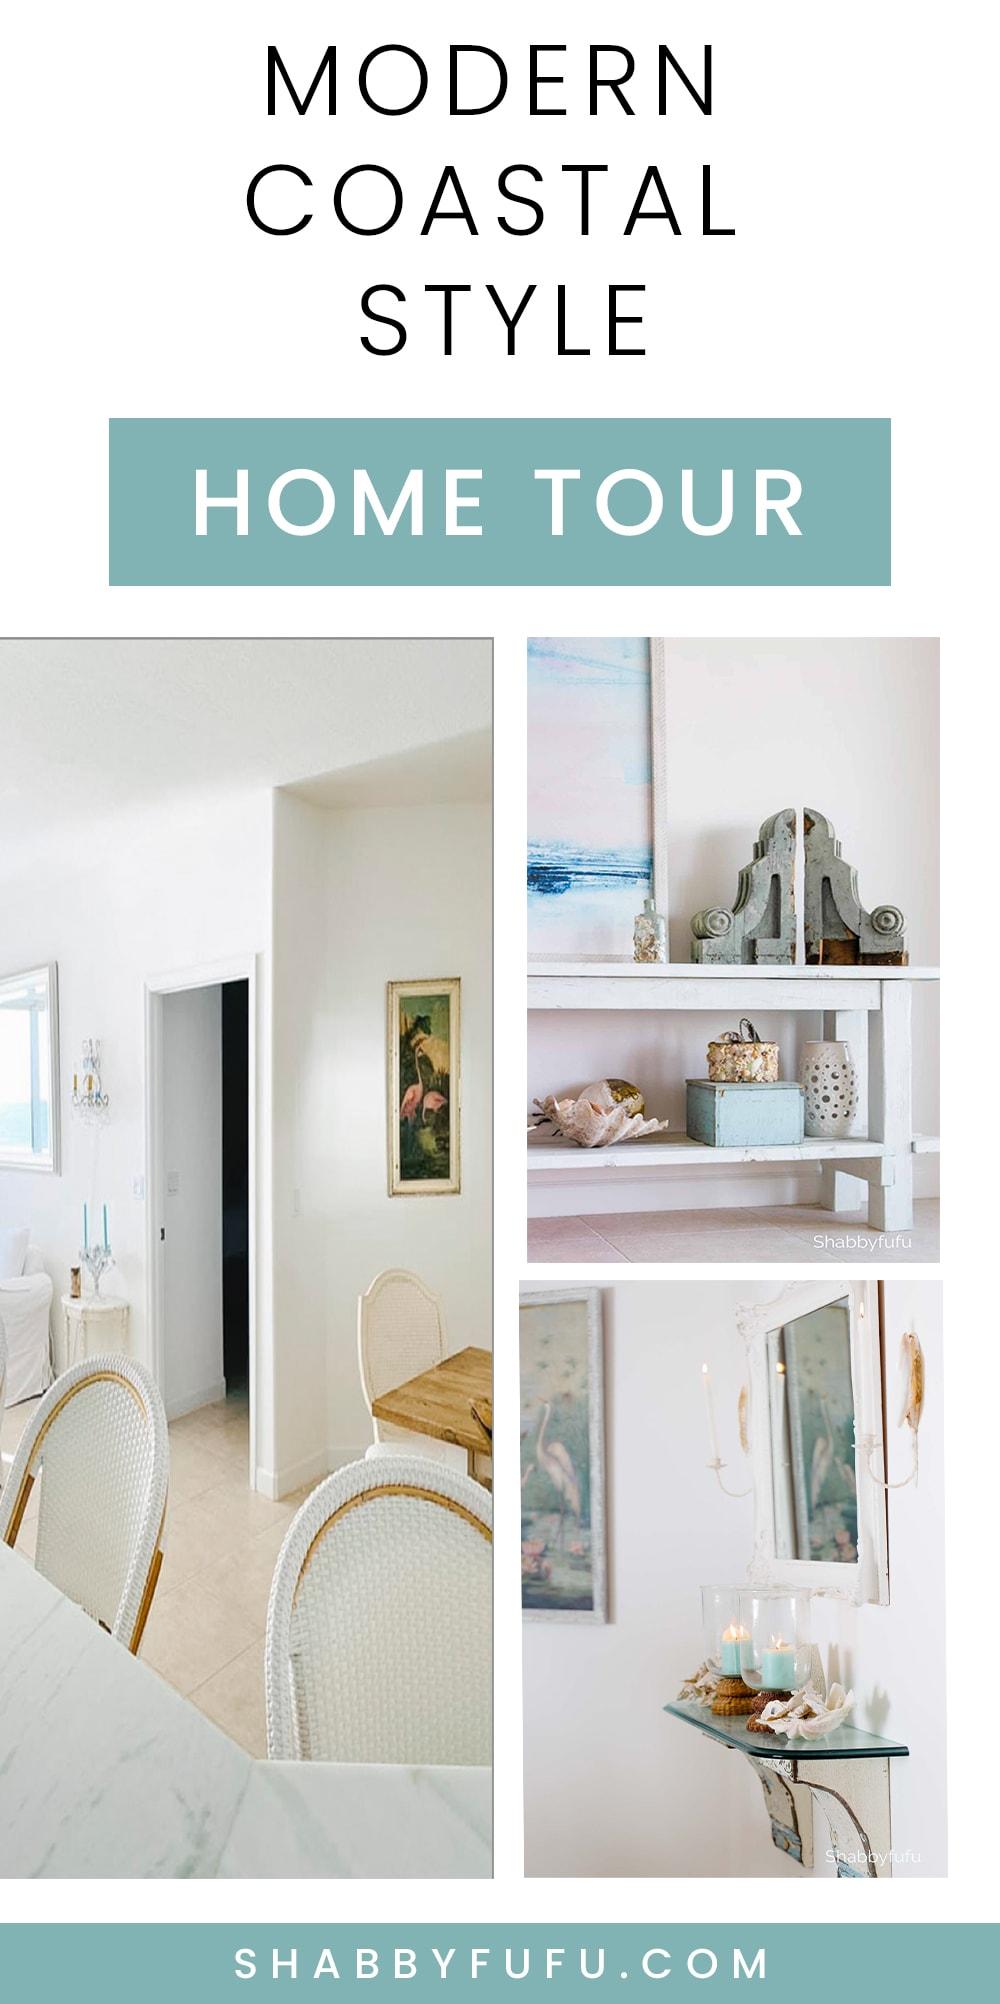 Modern Coastal Style Home Tour pin